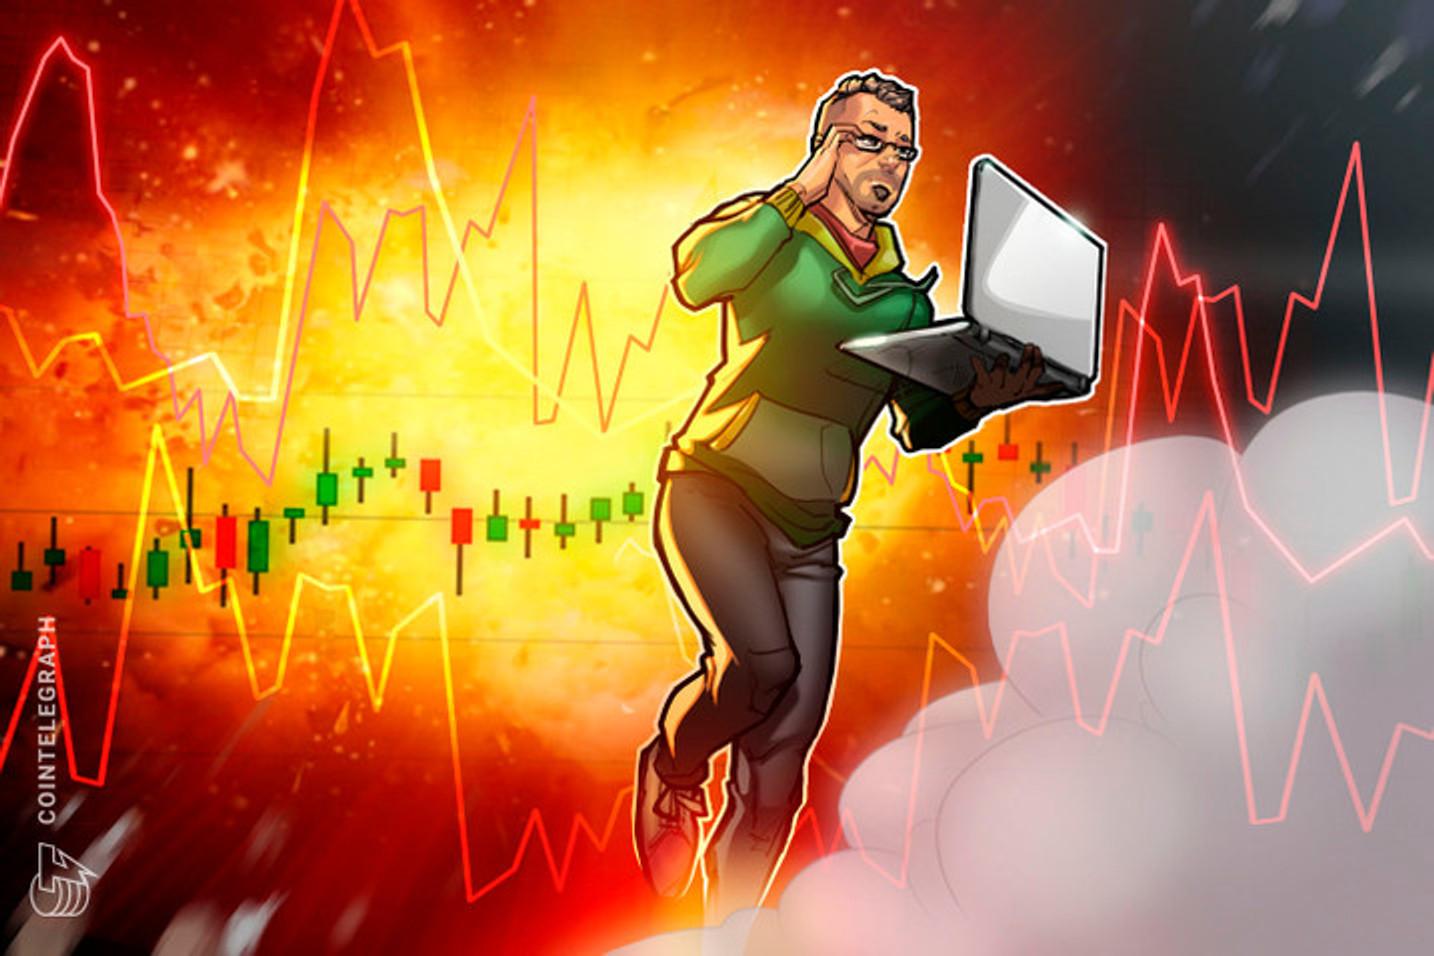 Qual foi a melhor performance no semestre: Bitcoin, ouro, dólar ou ações?